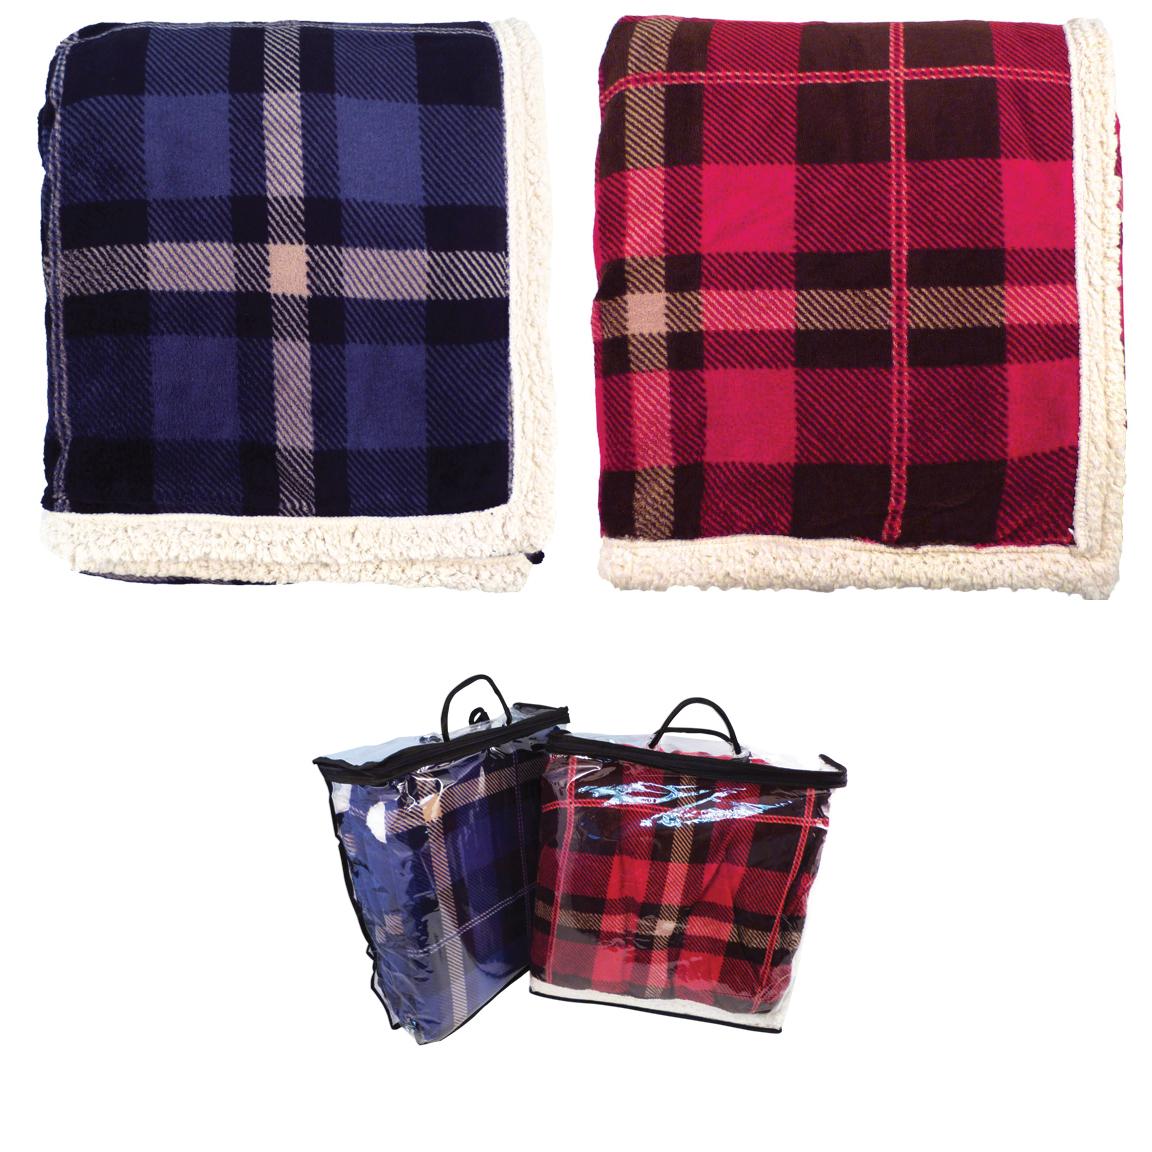 Lambswool Microsherpa Plaid Blanket